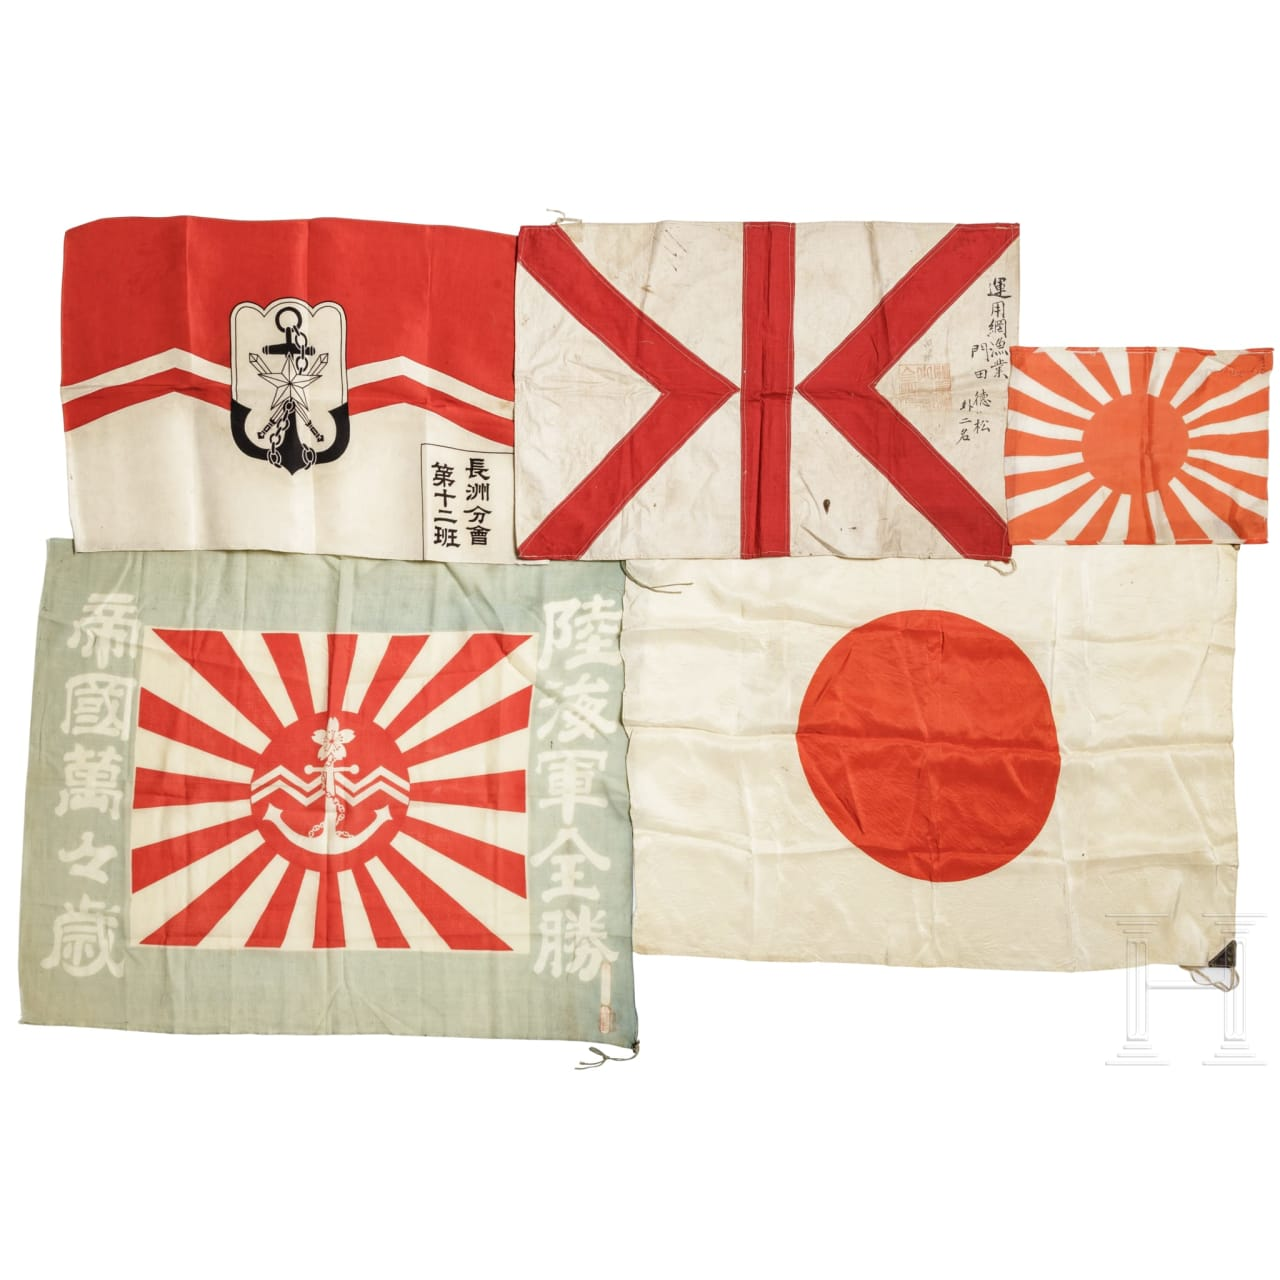 Japan - fünf unterschiedliche Fahnen, 2. Weltkrieg